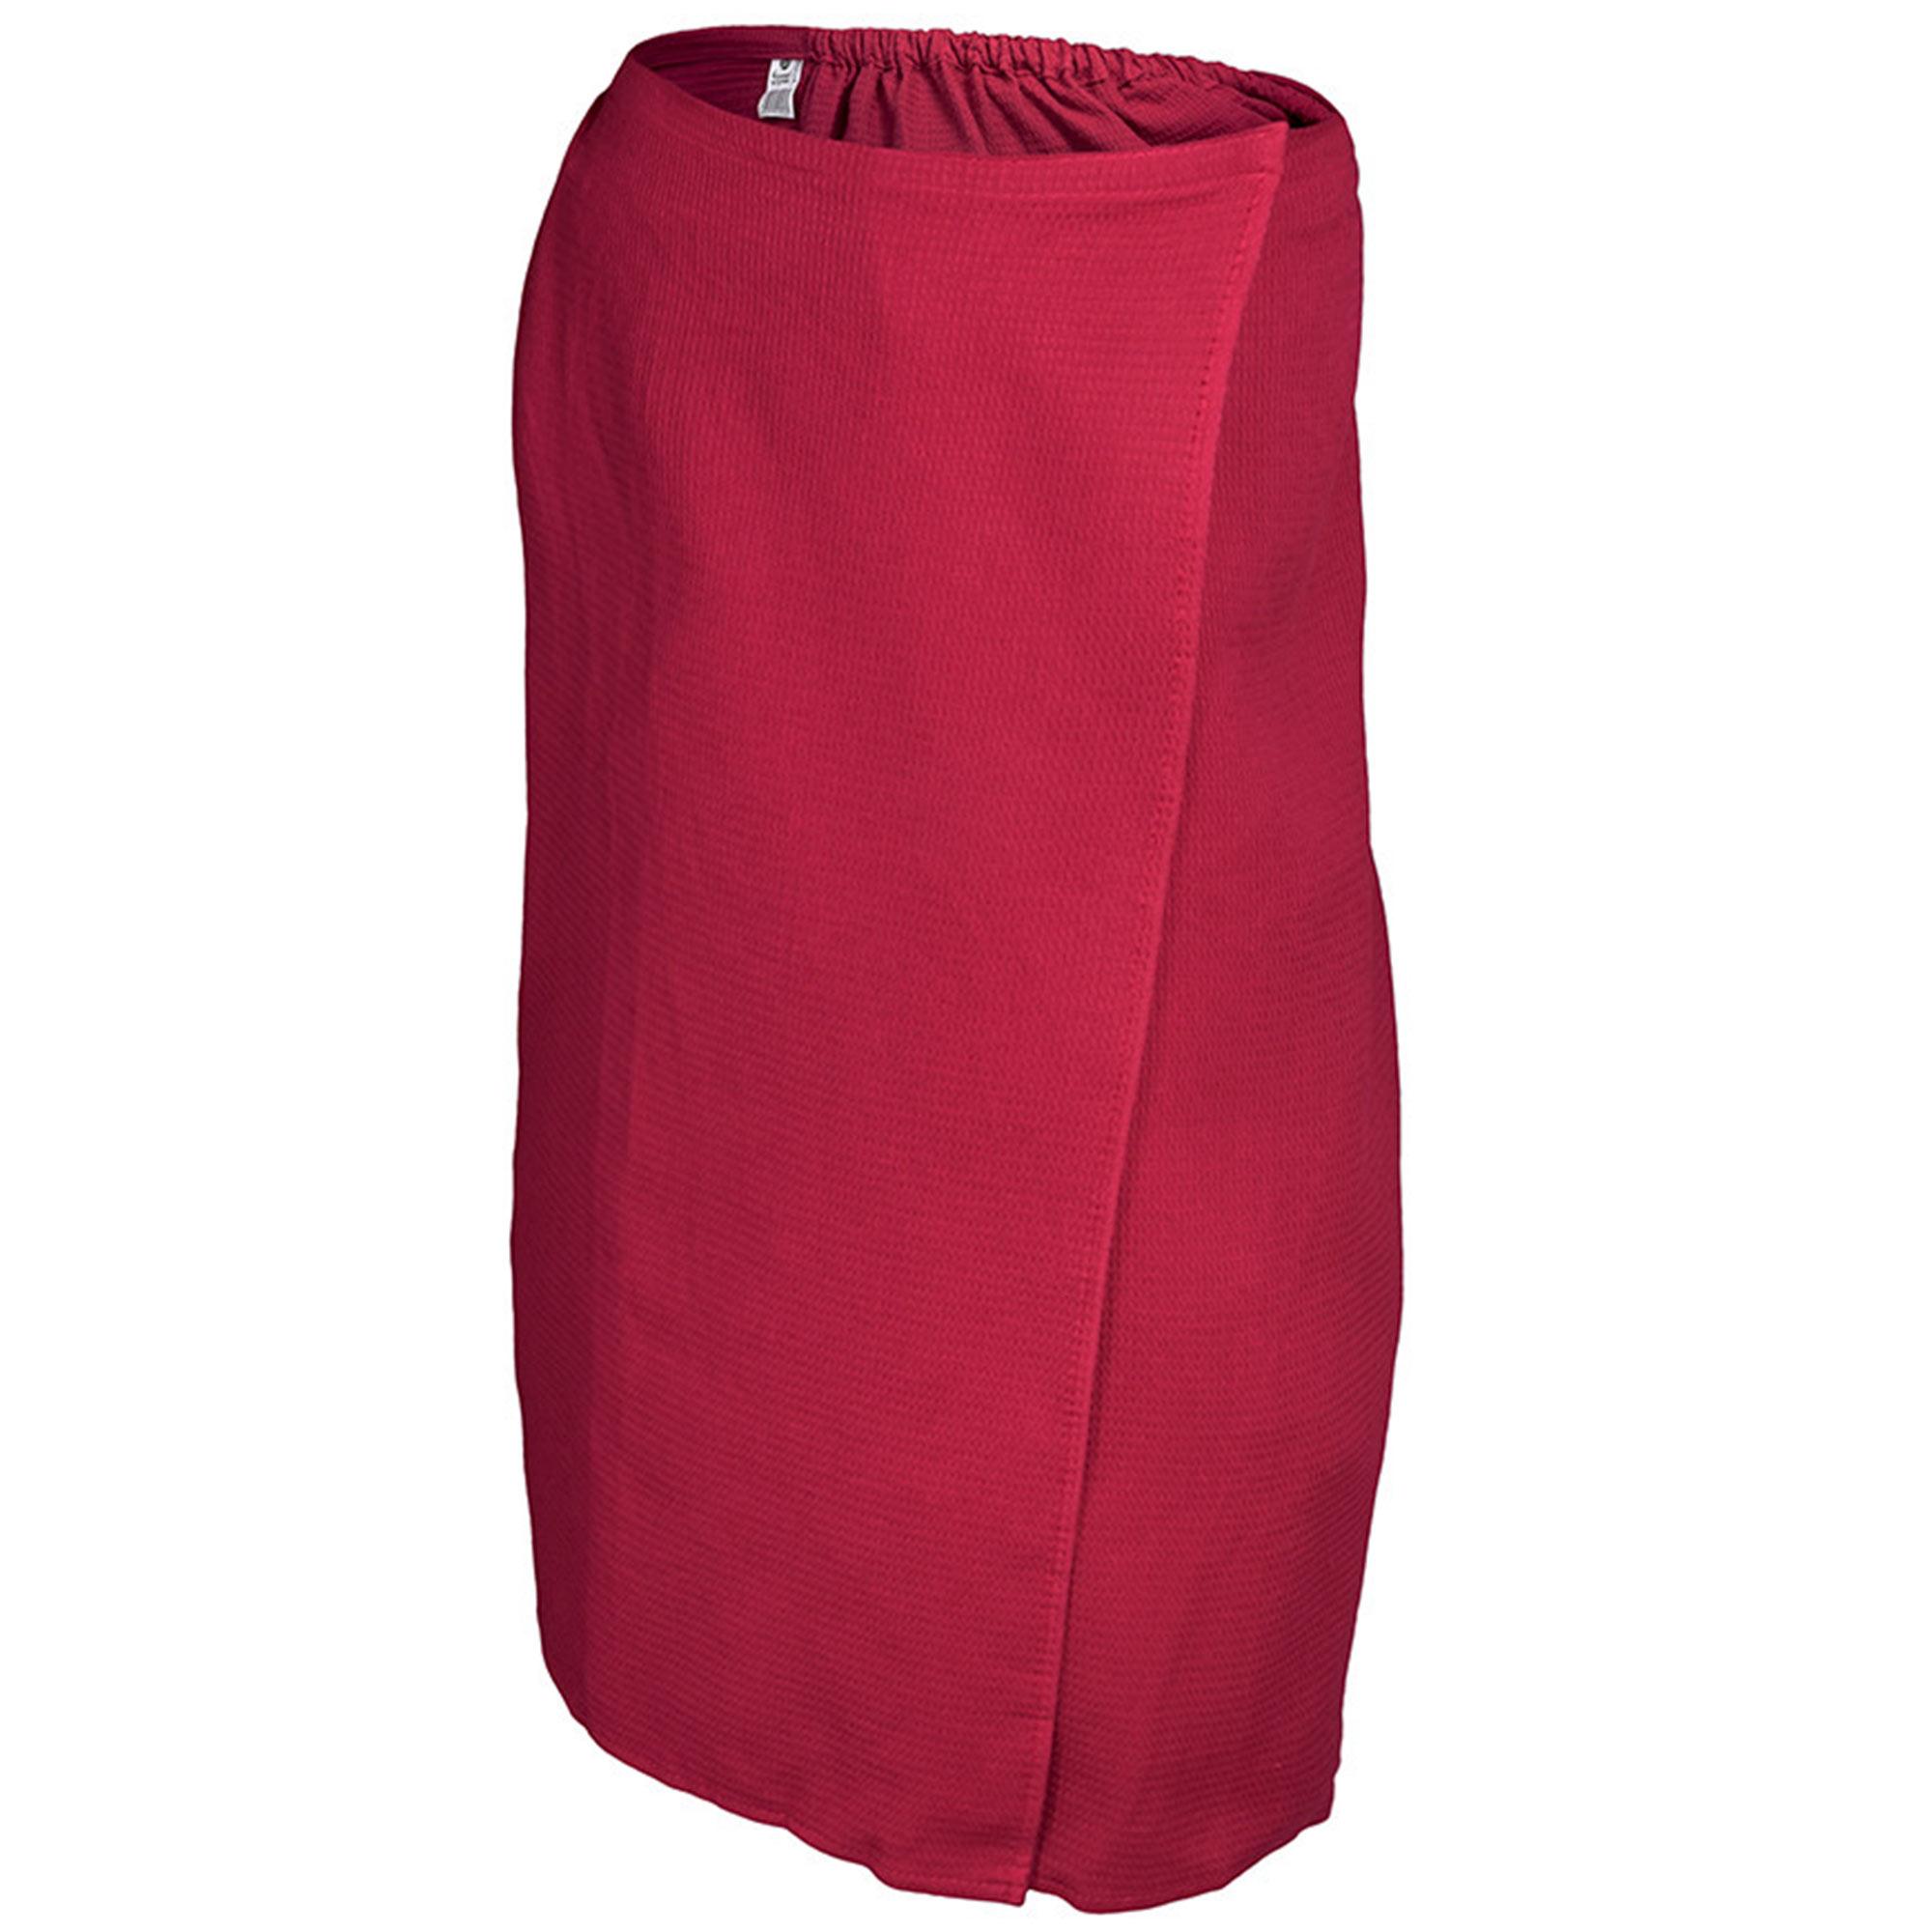 Вафельная накидка для женщин Банные штучки 145x78 см красная